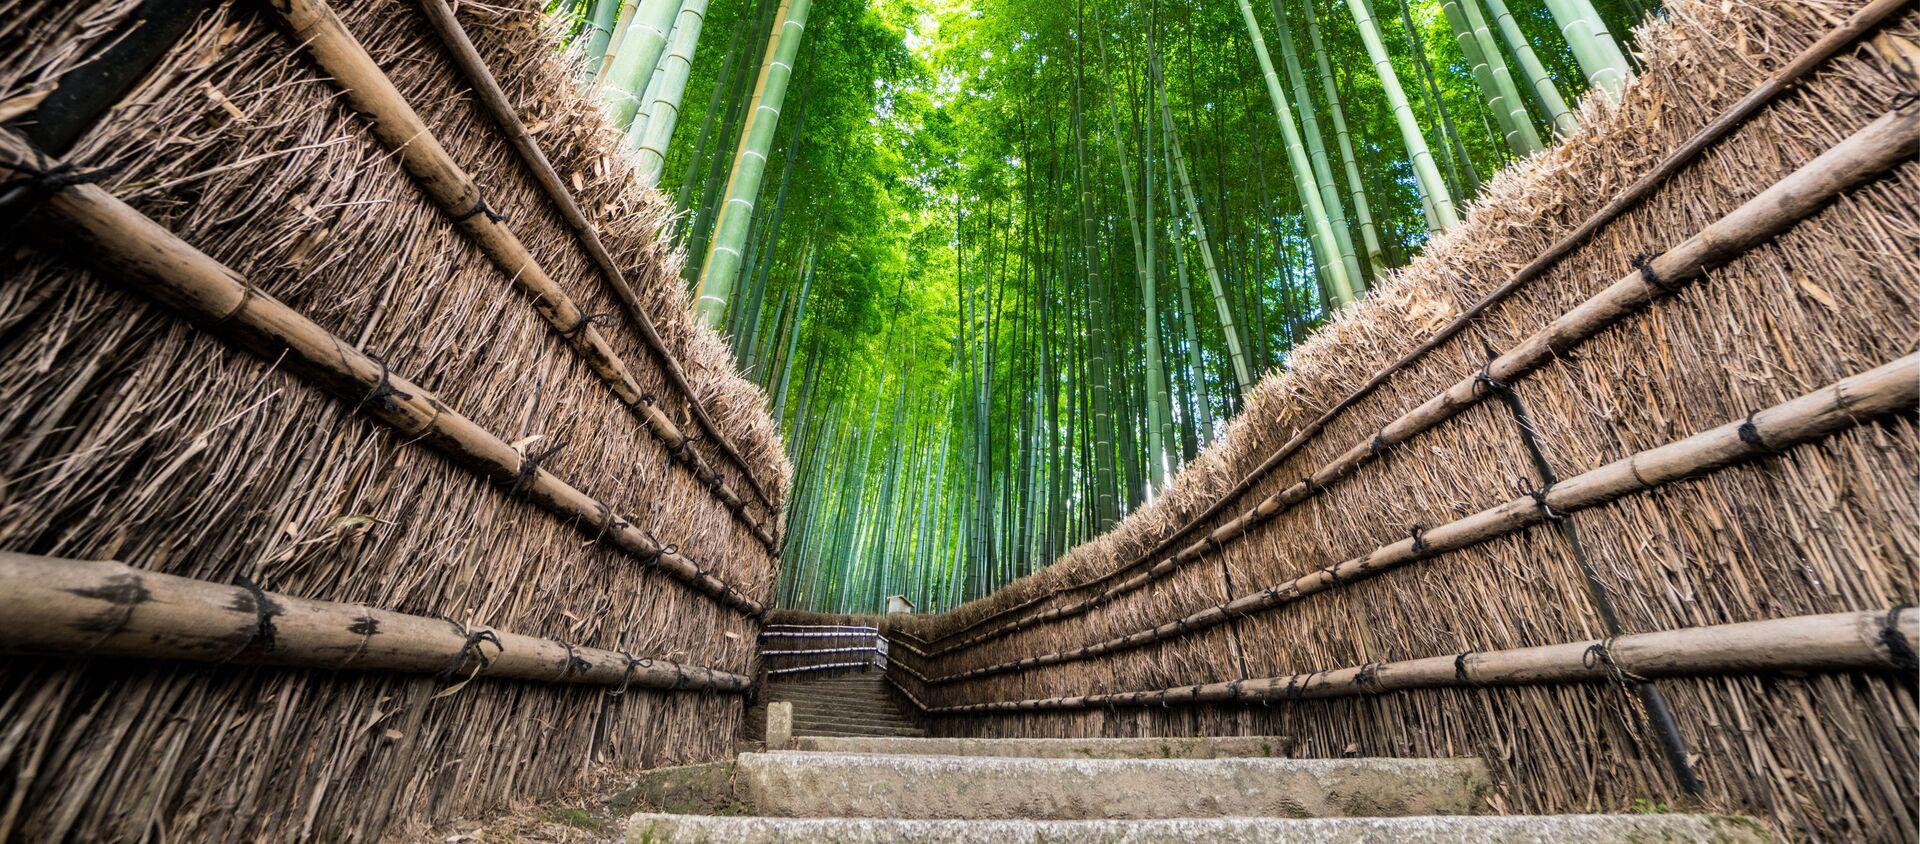 Bambusový les Arashiyama v Japonsku. - Sputnik Česká republika, 1920, 27.03.2021